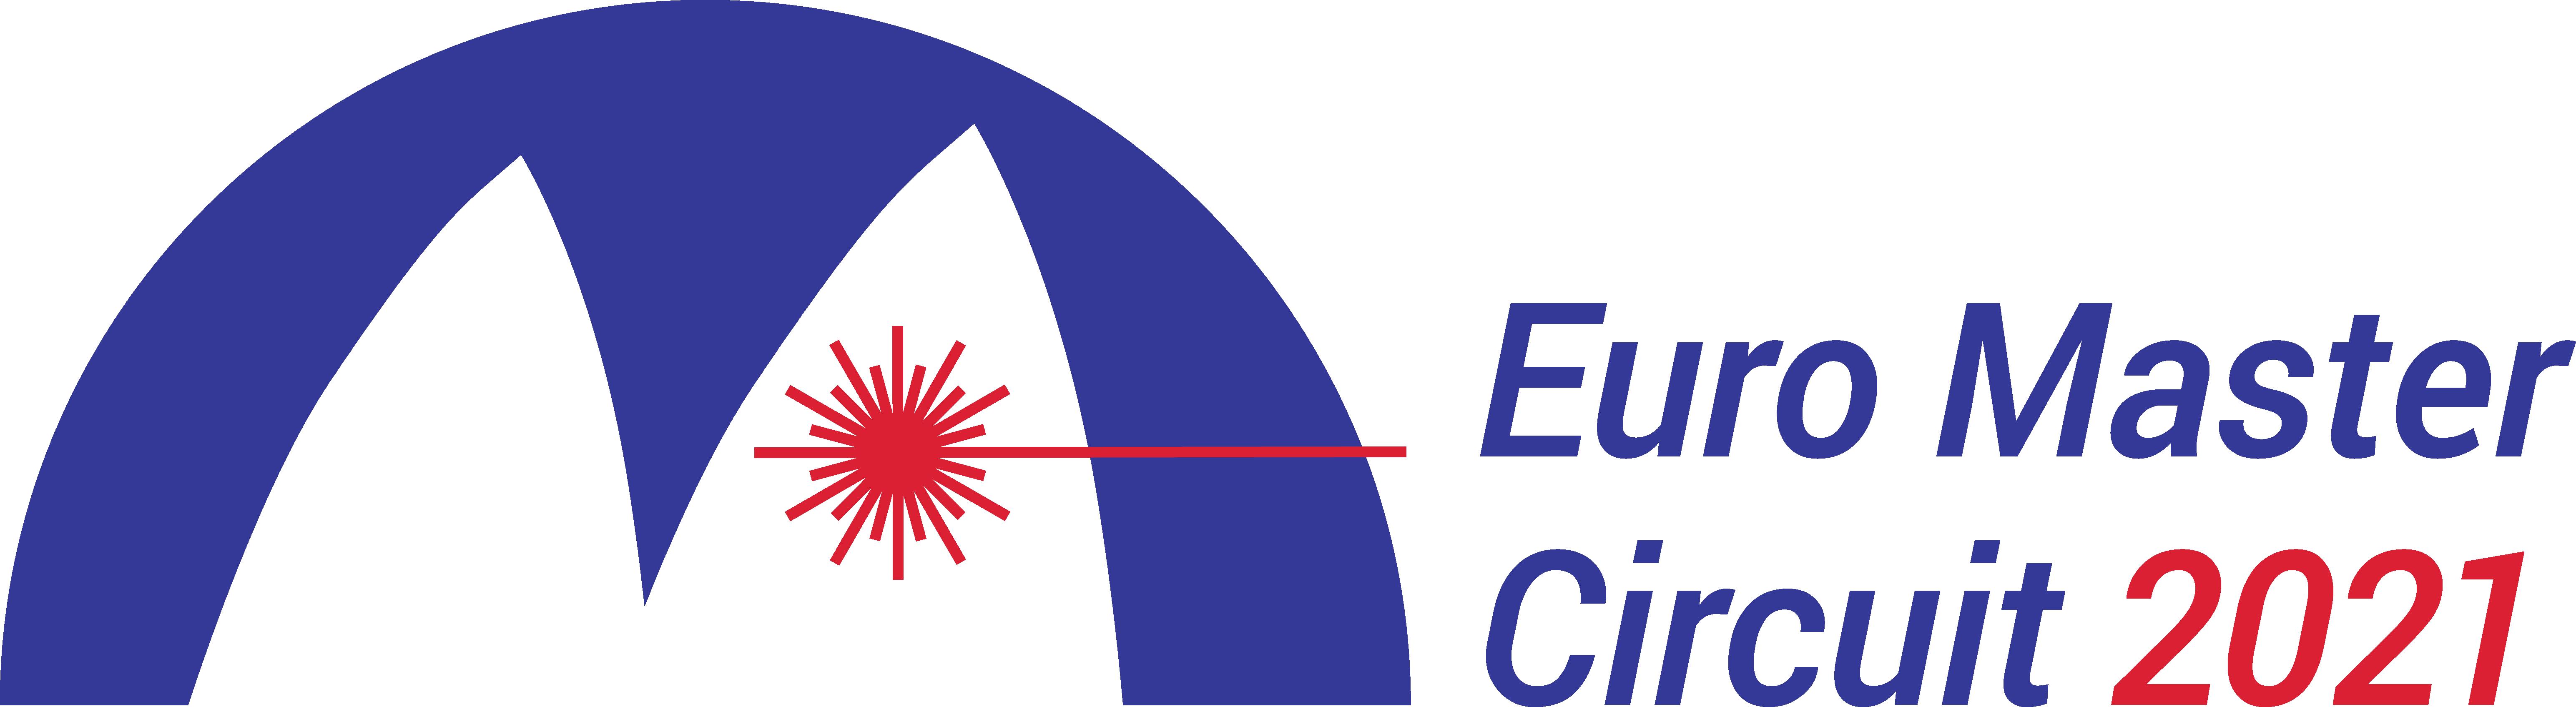 2021 euro master logo